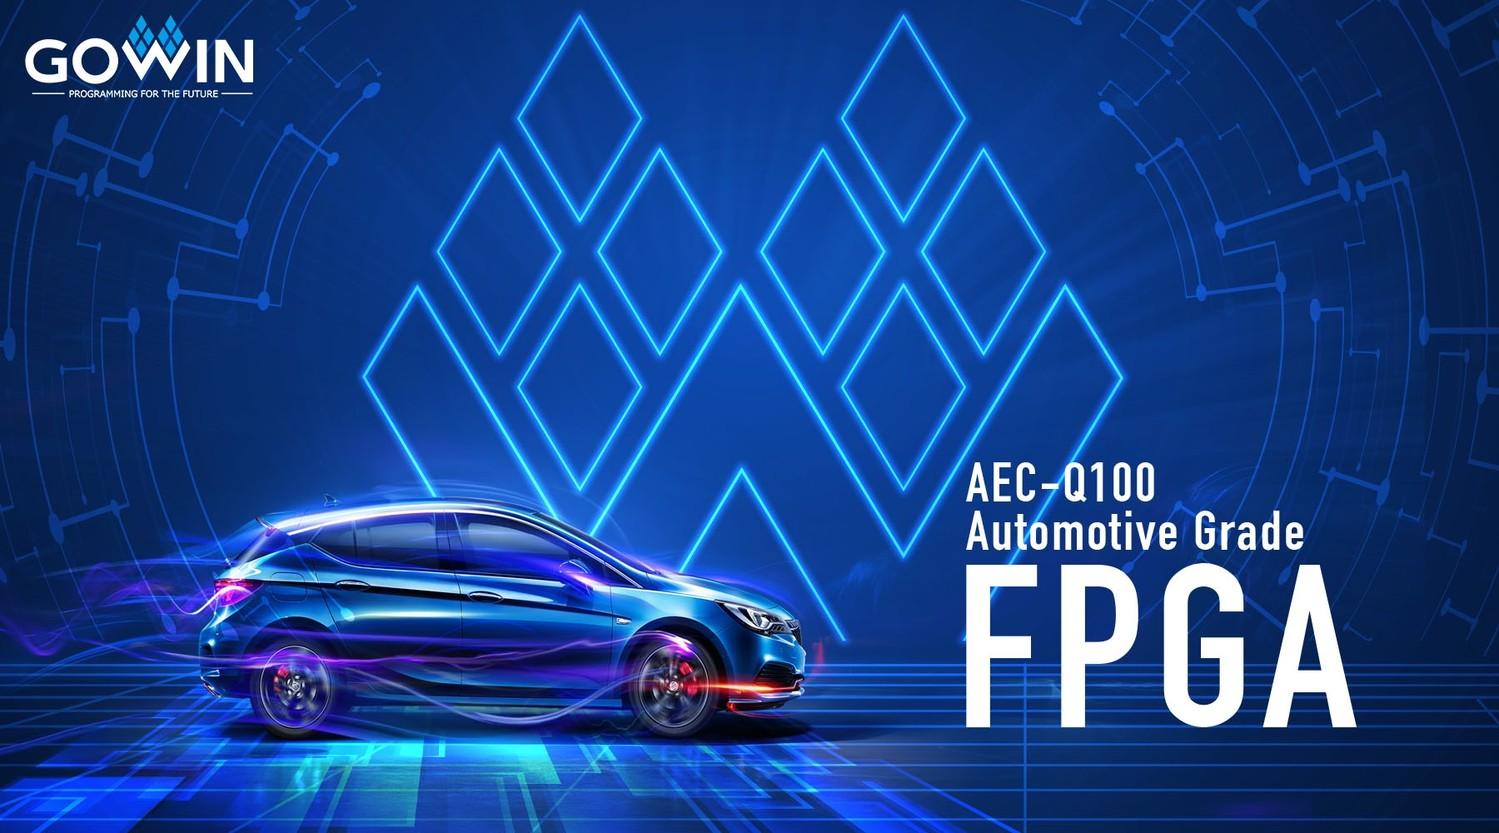 Gowin объявляет о доступности ПЛИС автомобильного класса